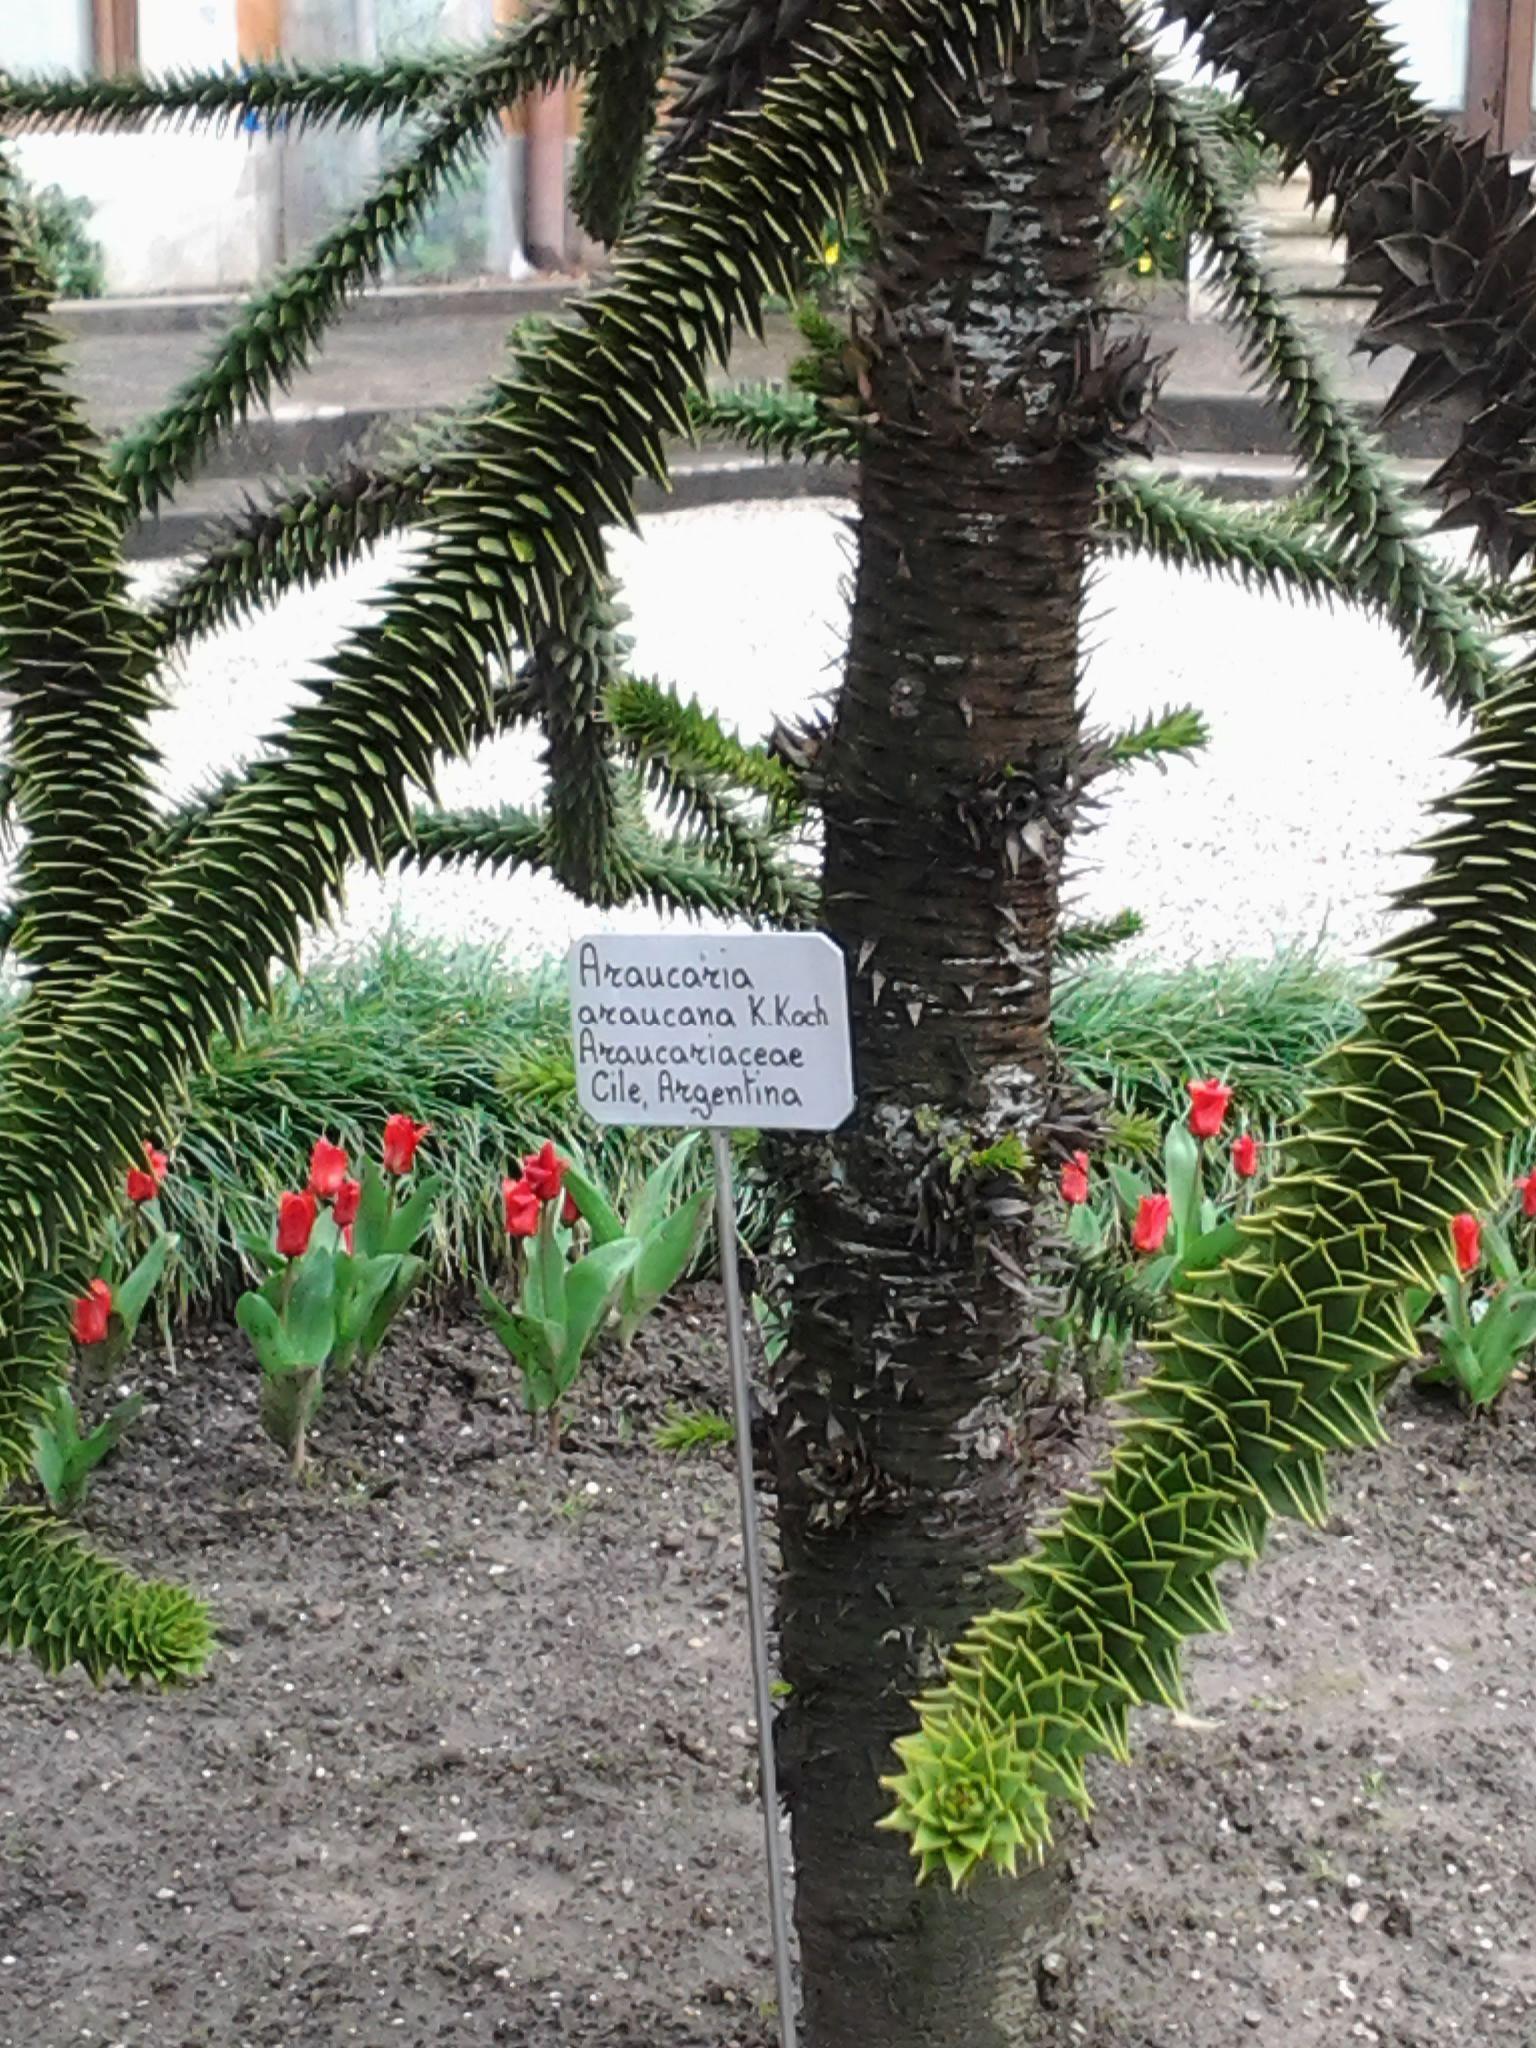 Piante succulente che sembrano conifere.